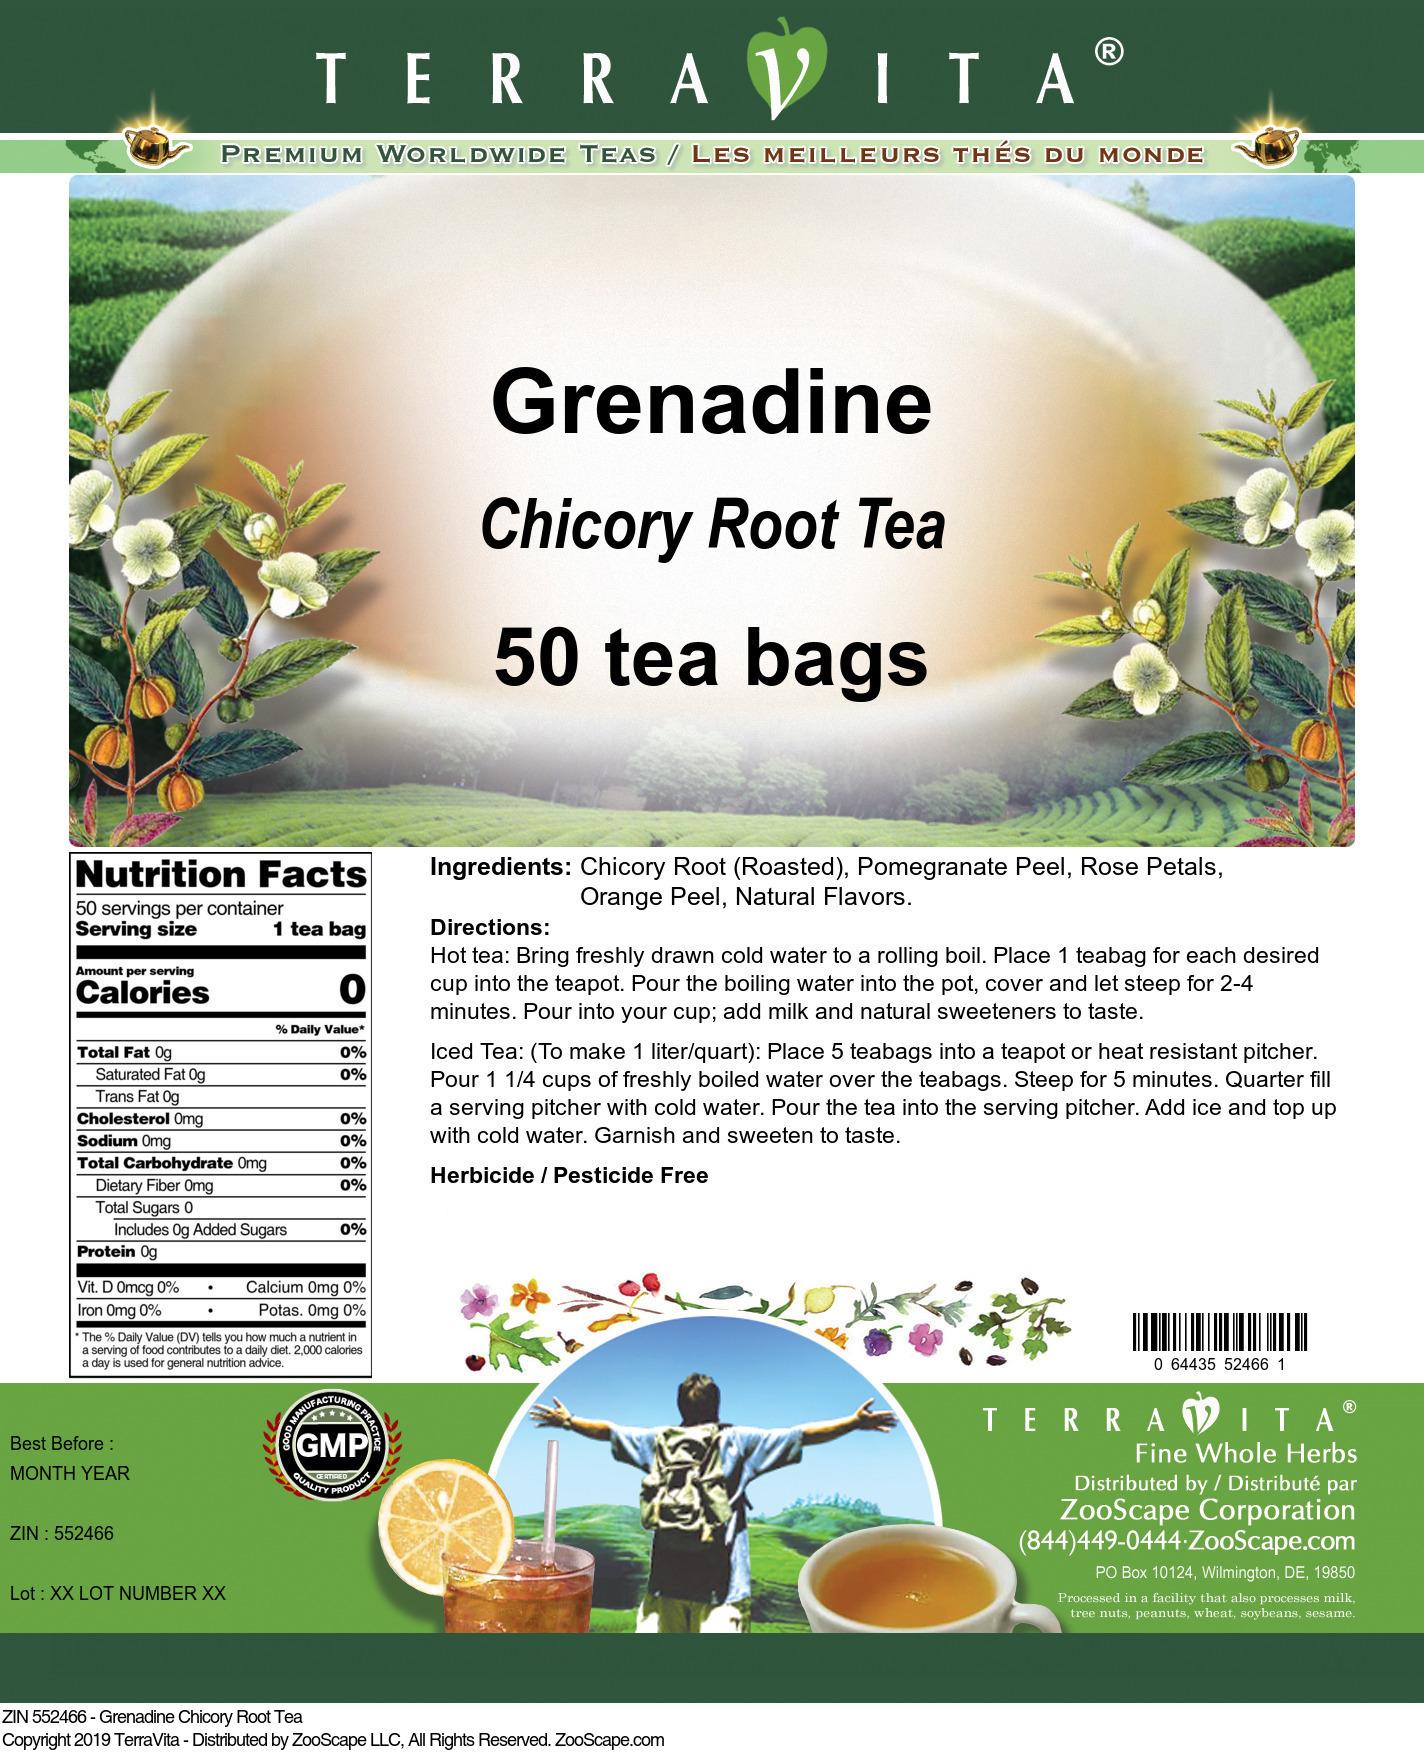 Grenadine Chicory Root